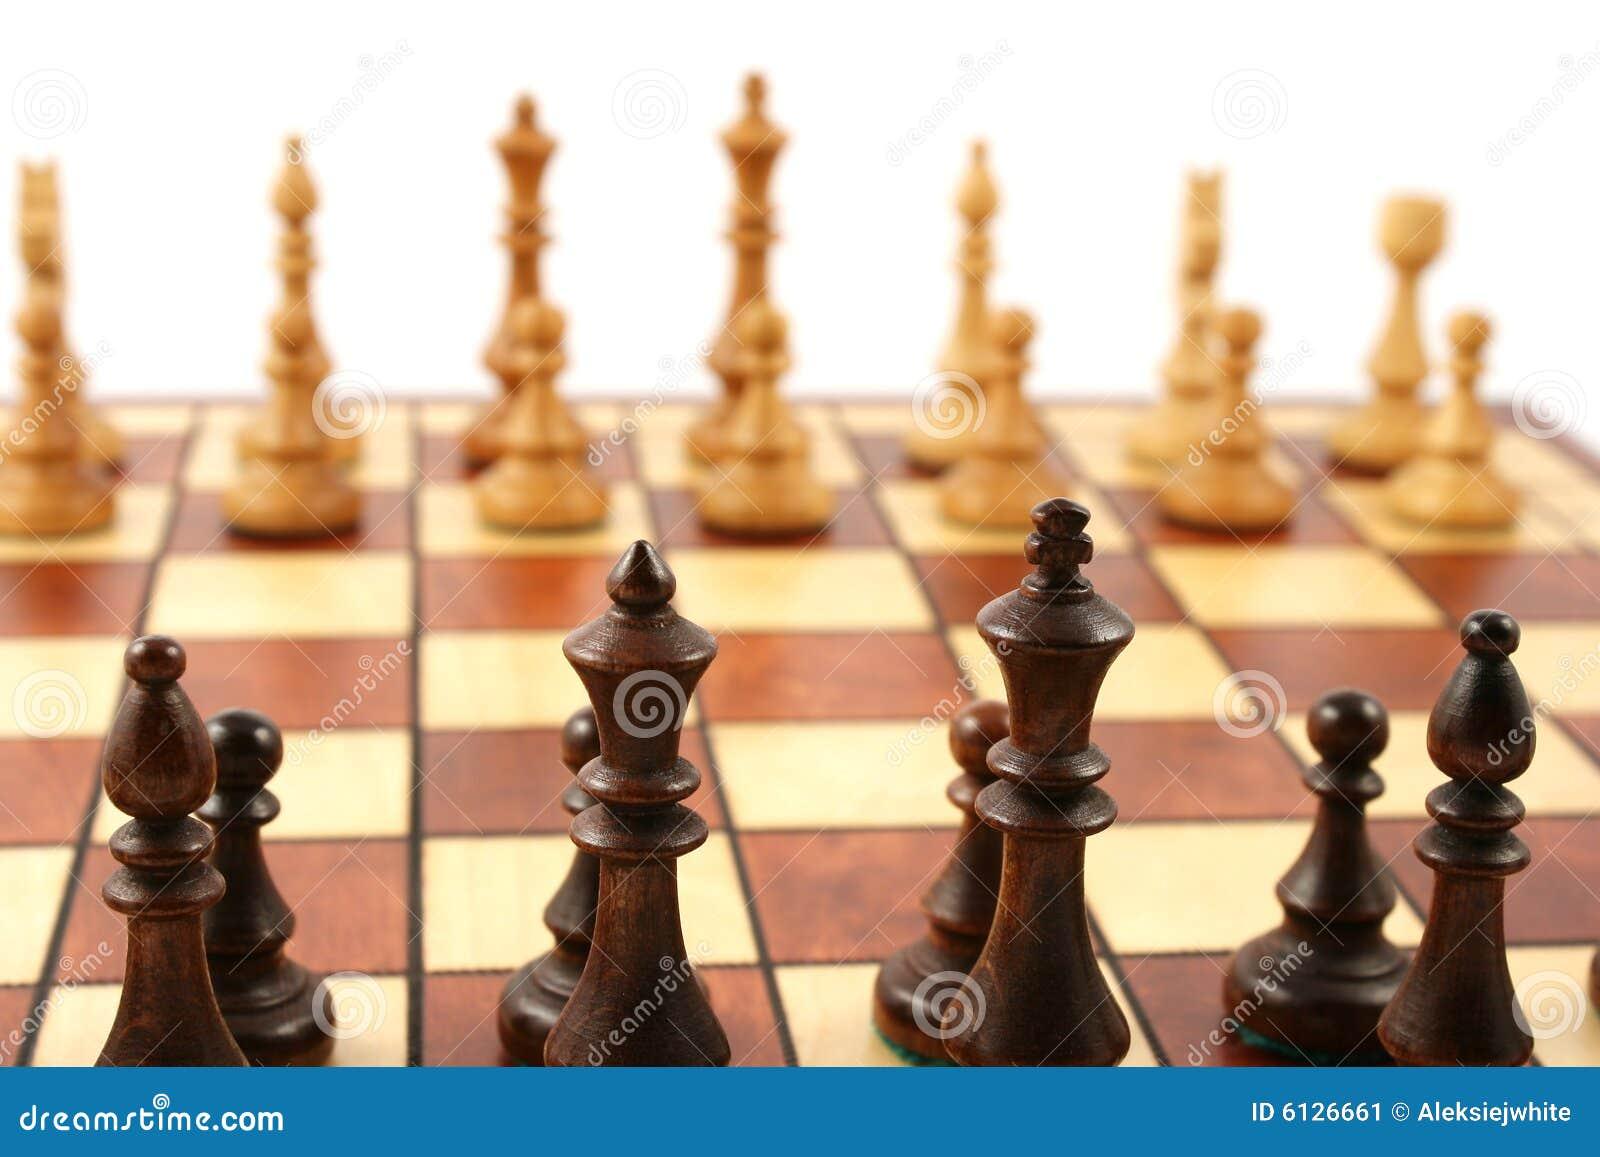 Drewniane szachy szachownica